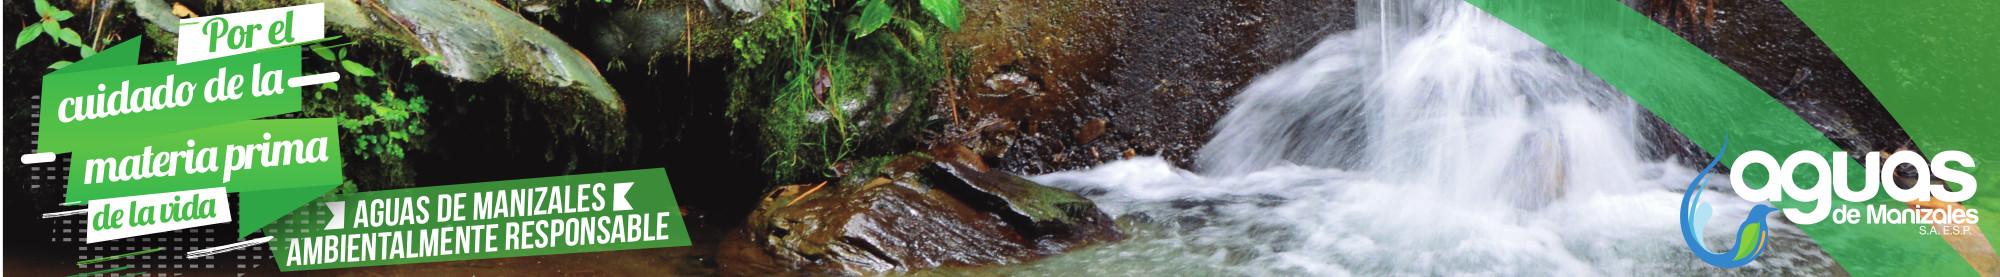 Aguas de Manizales - Marzo 2019